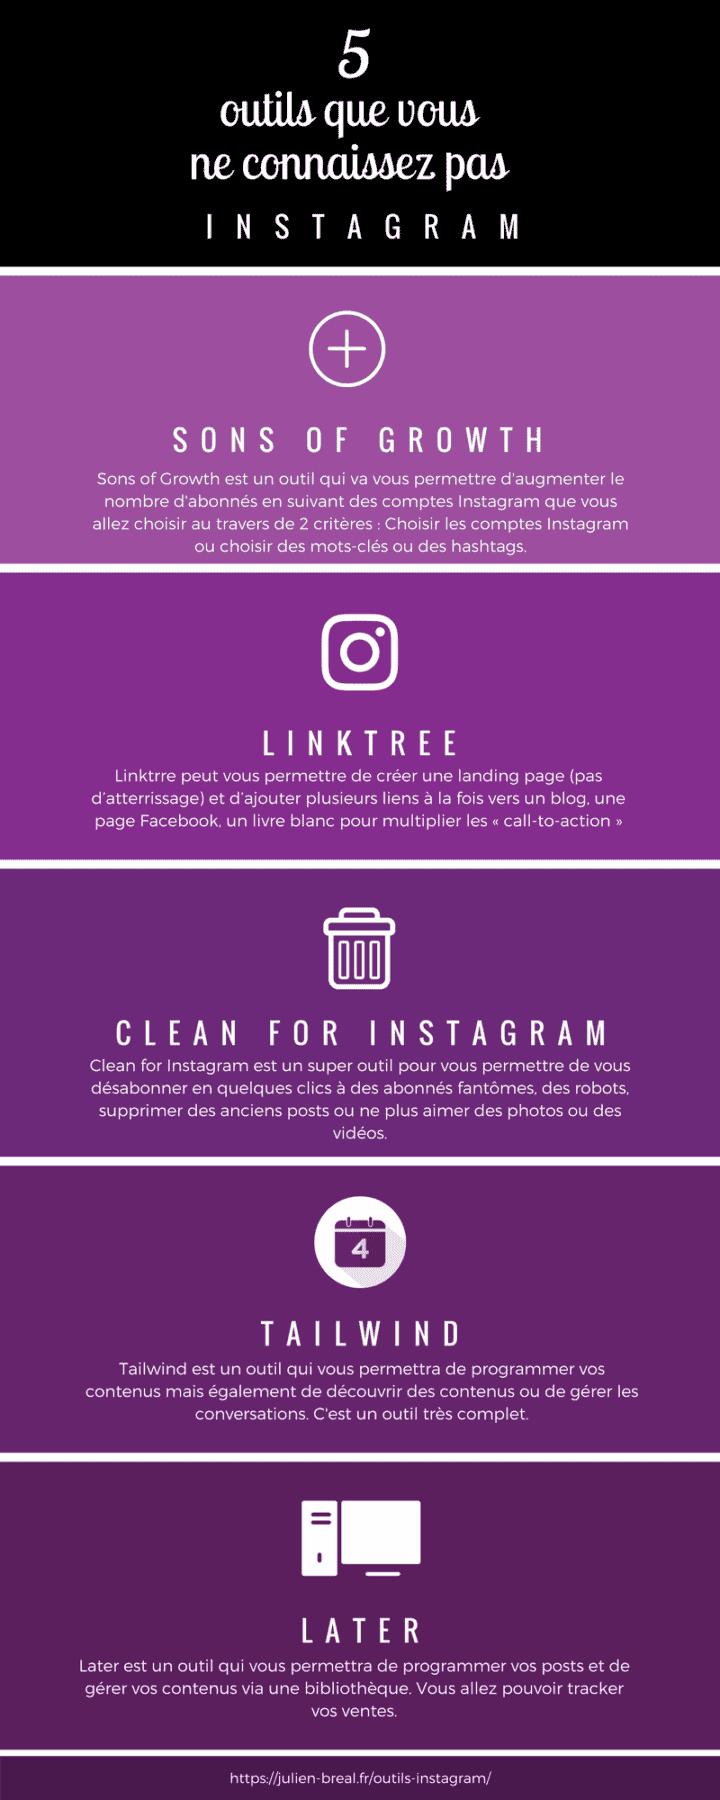 5 outils instagram que vous ne connaissez pas